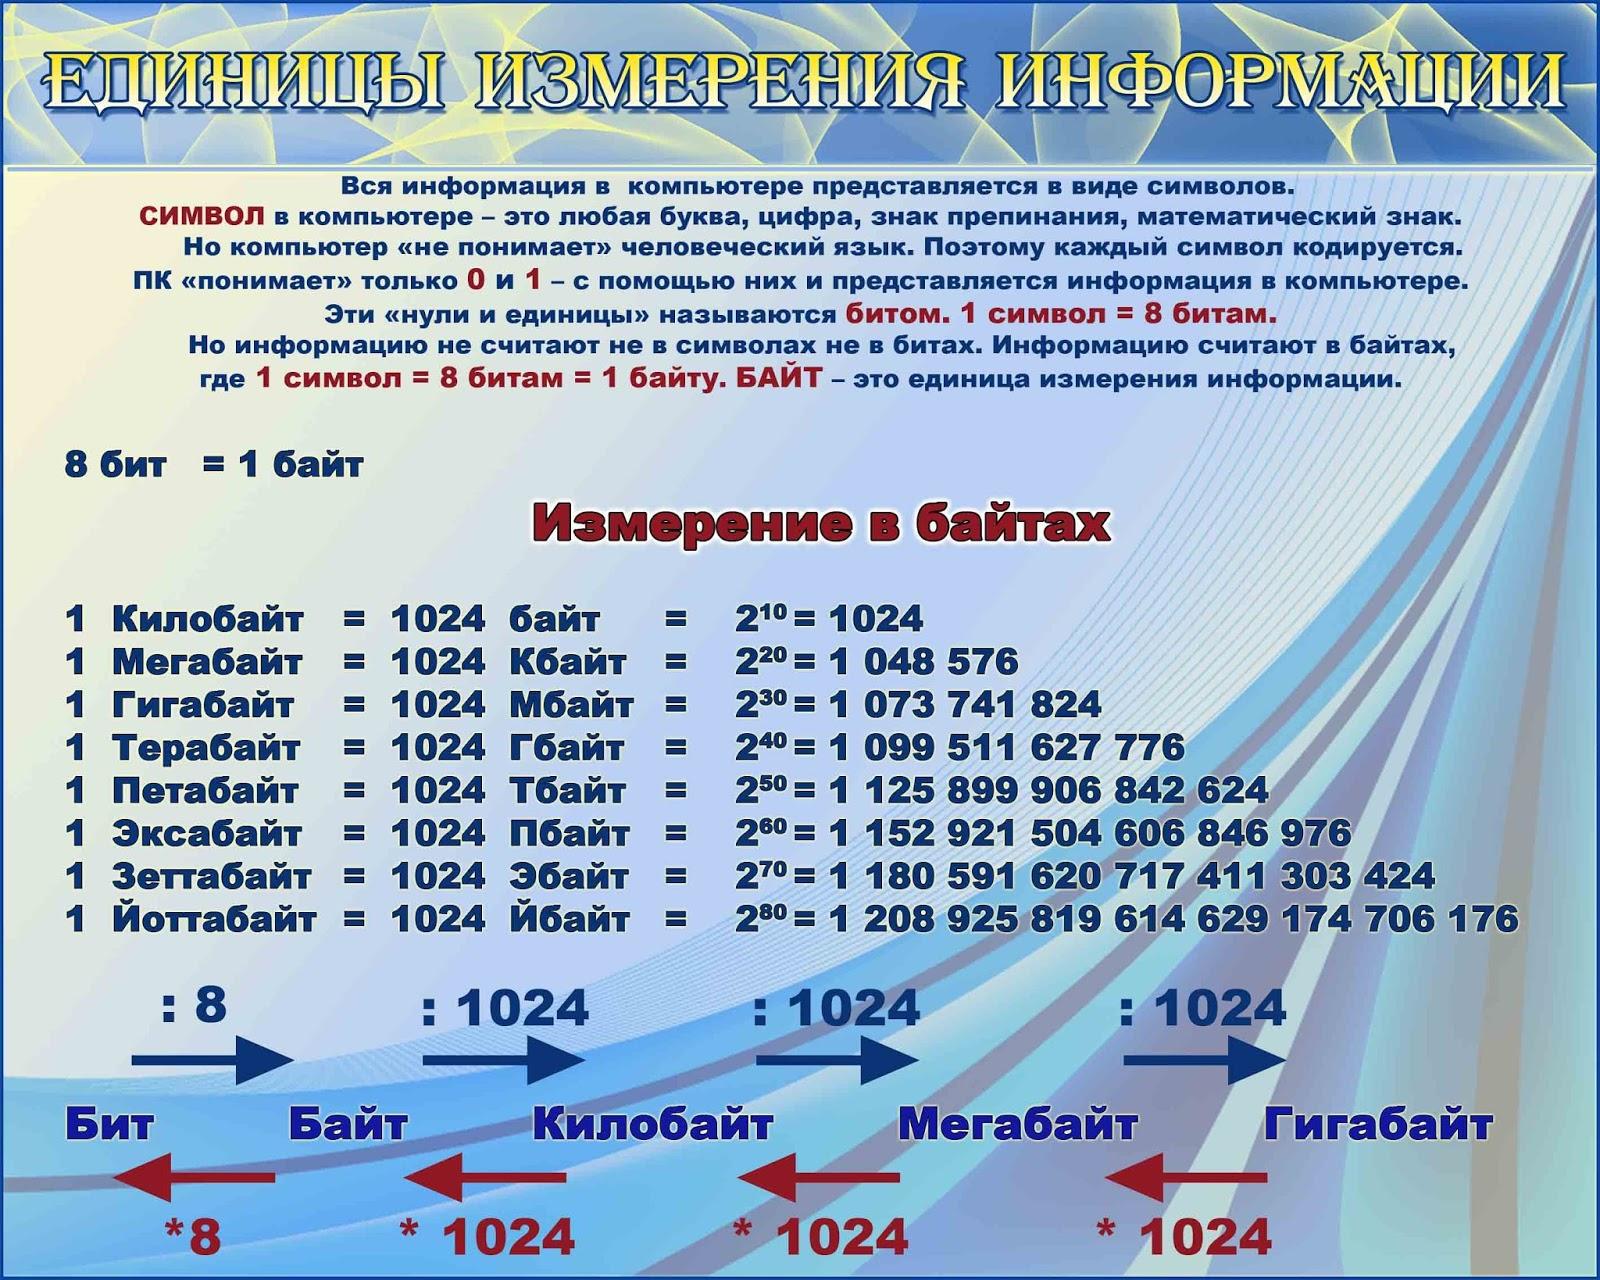 Единица измерении информации картинки